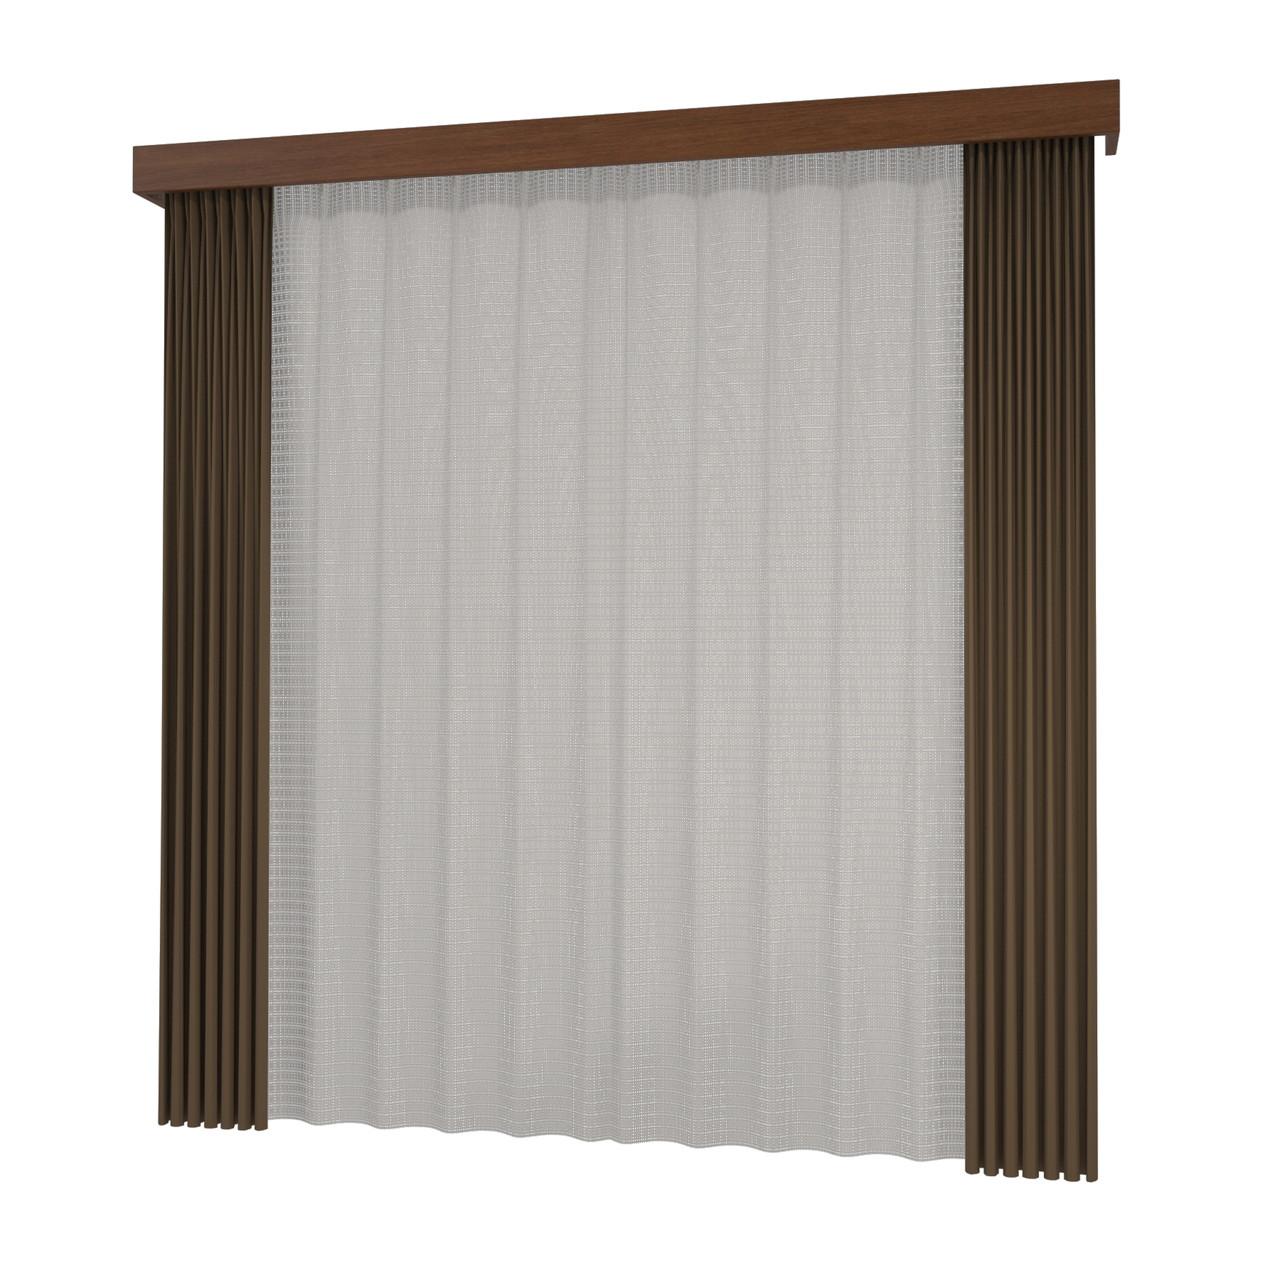 開いたカーテンと閉じたレースのカーテン・カーテンボックス(ブラウン)の3DCADデータ│遮光カーテン レースのカーテン│3d cad データ フリー 無料 商用可能 建築パース フリー素材 formZ 3D 3ds obj インテリア interior curtain